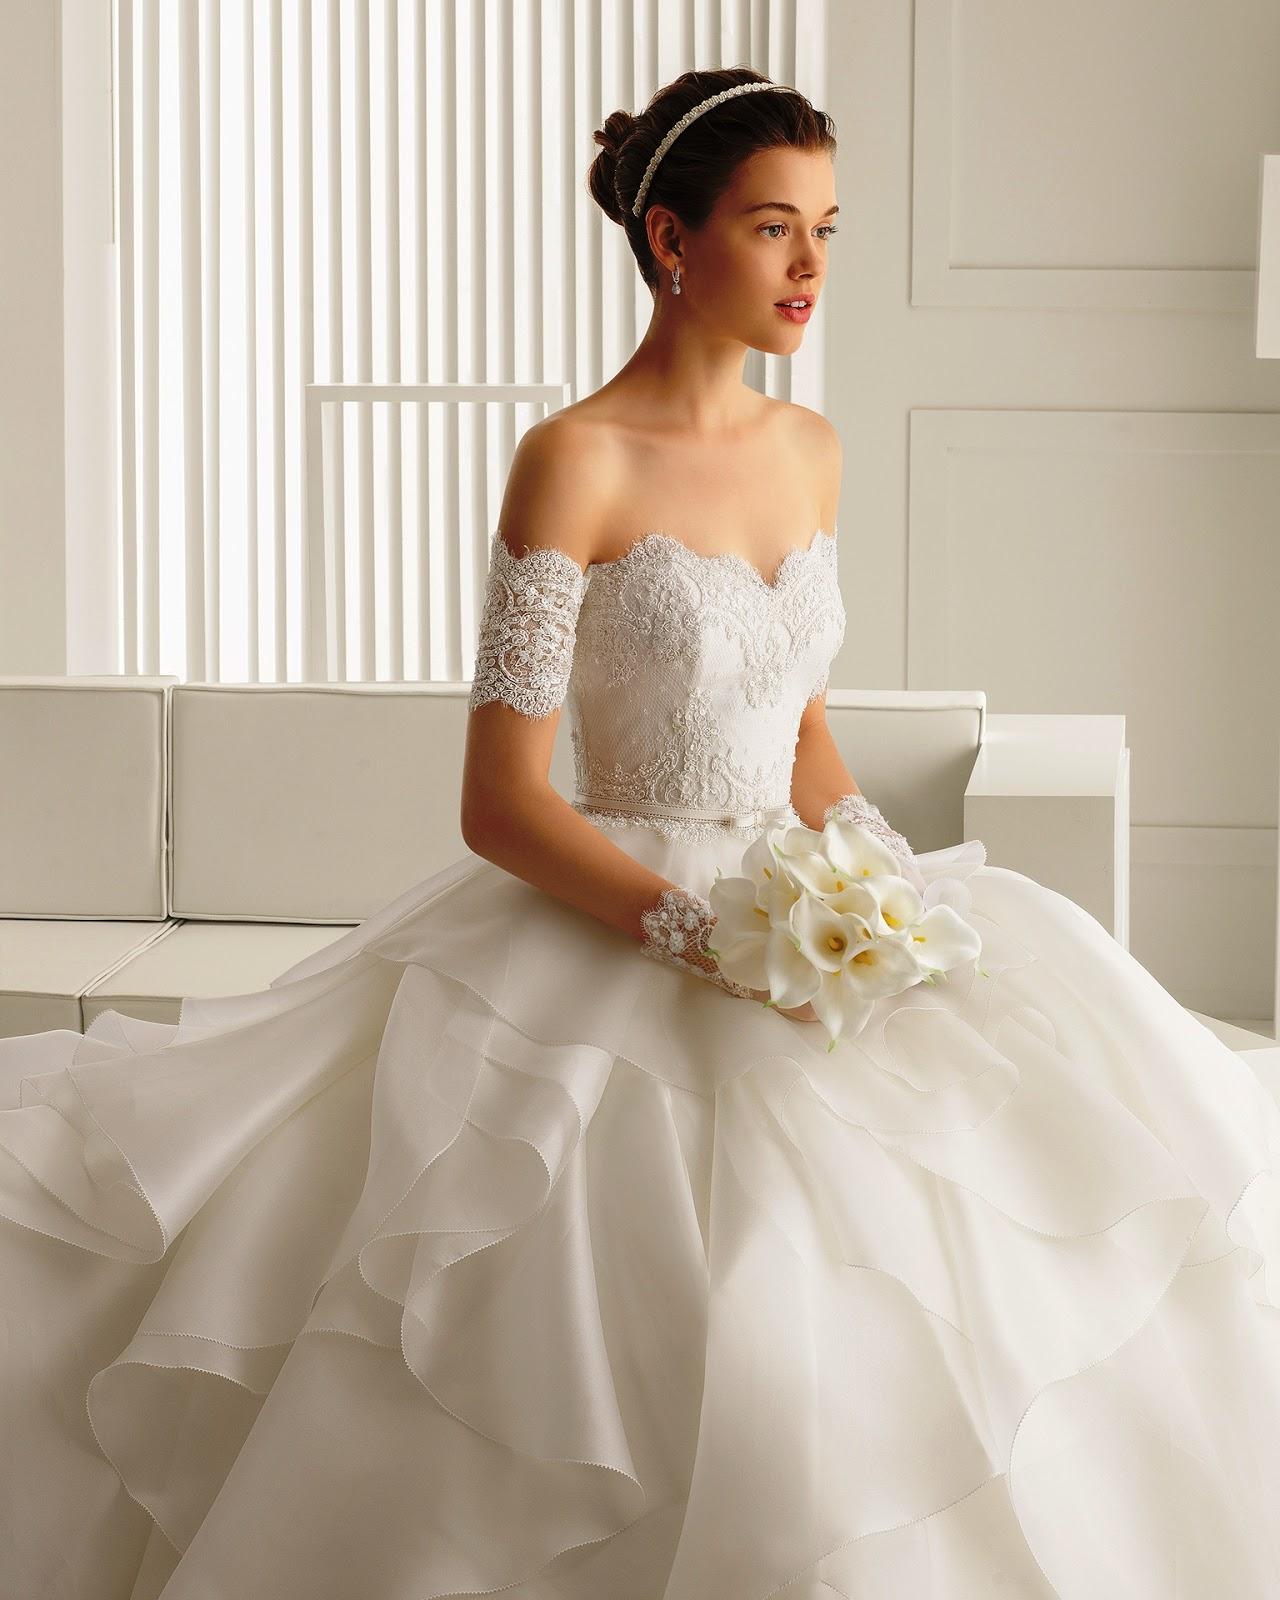 Rosa Clará - Vestidos de noiva românticos: Inspirações